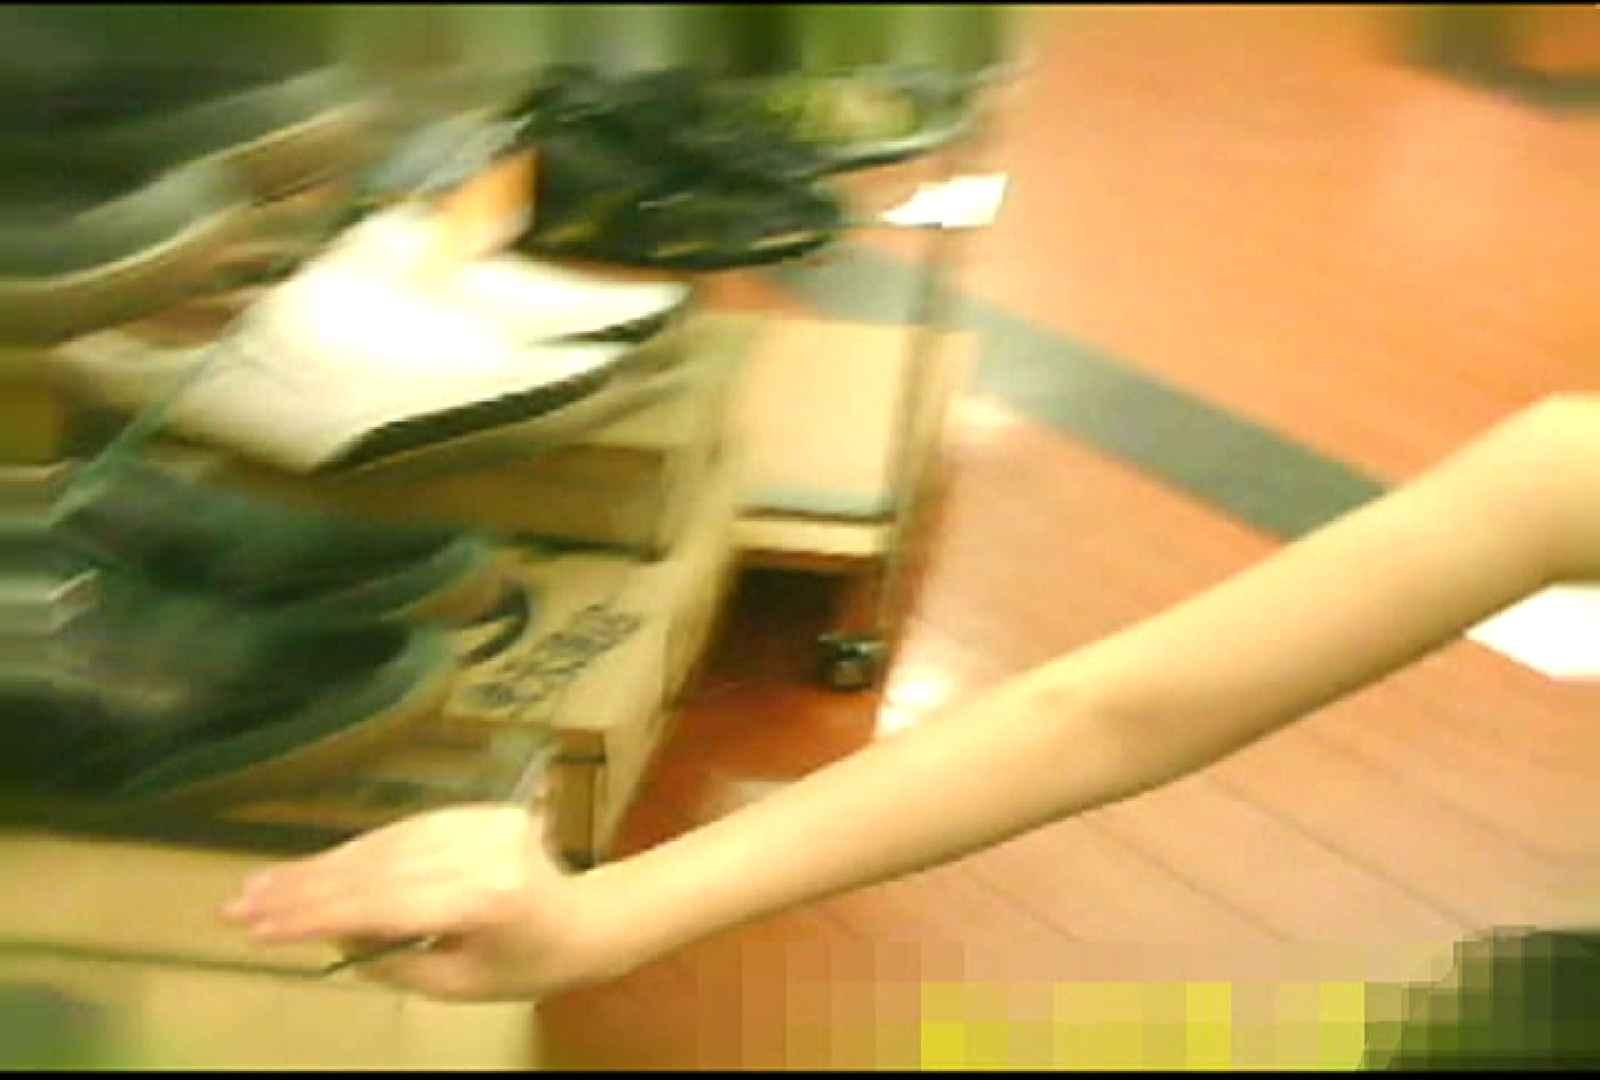 「ノゾキスト」さんの陰撮!!美女サルベージVol.1 エロティックなOL スケベ動画紹介 68画像 26